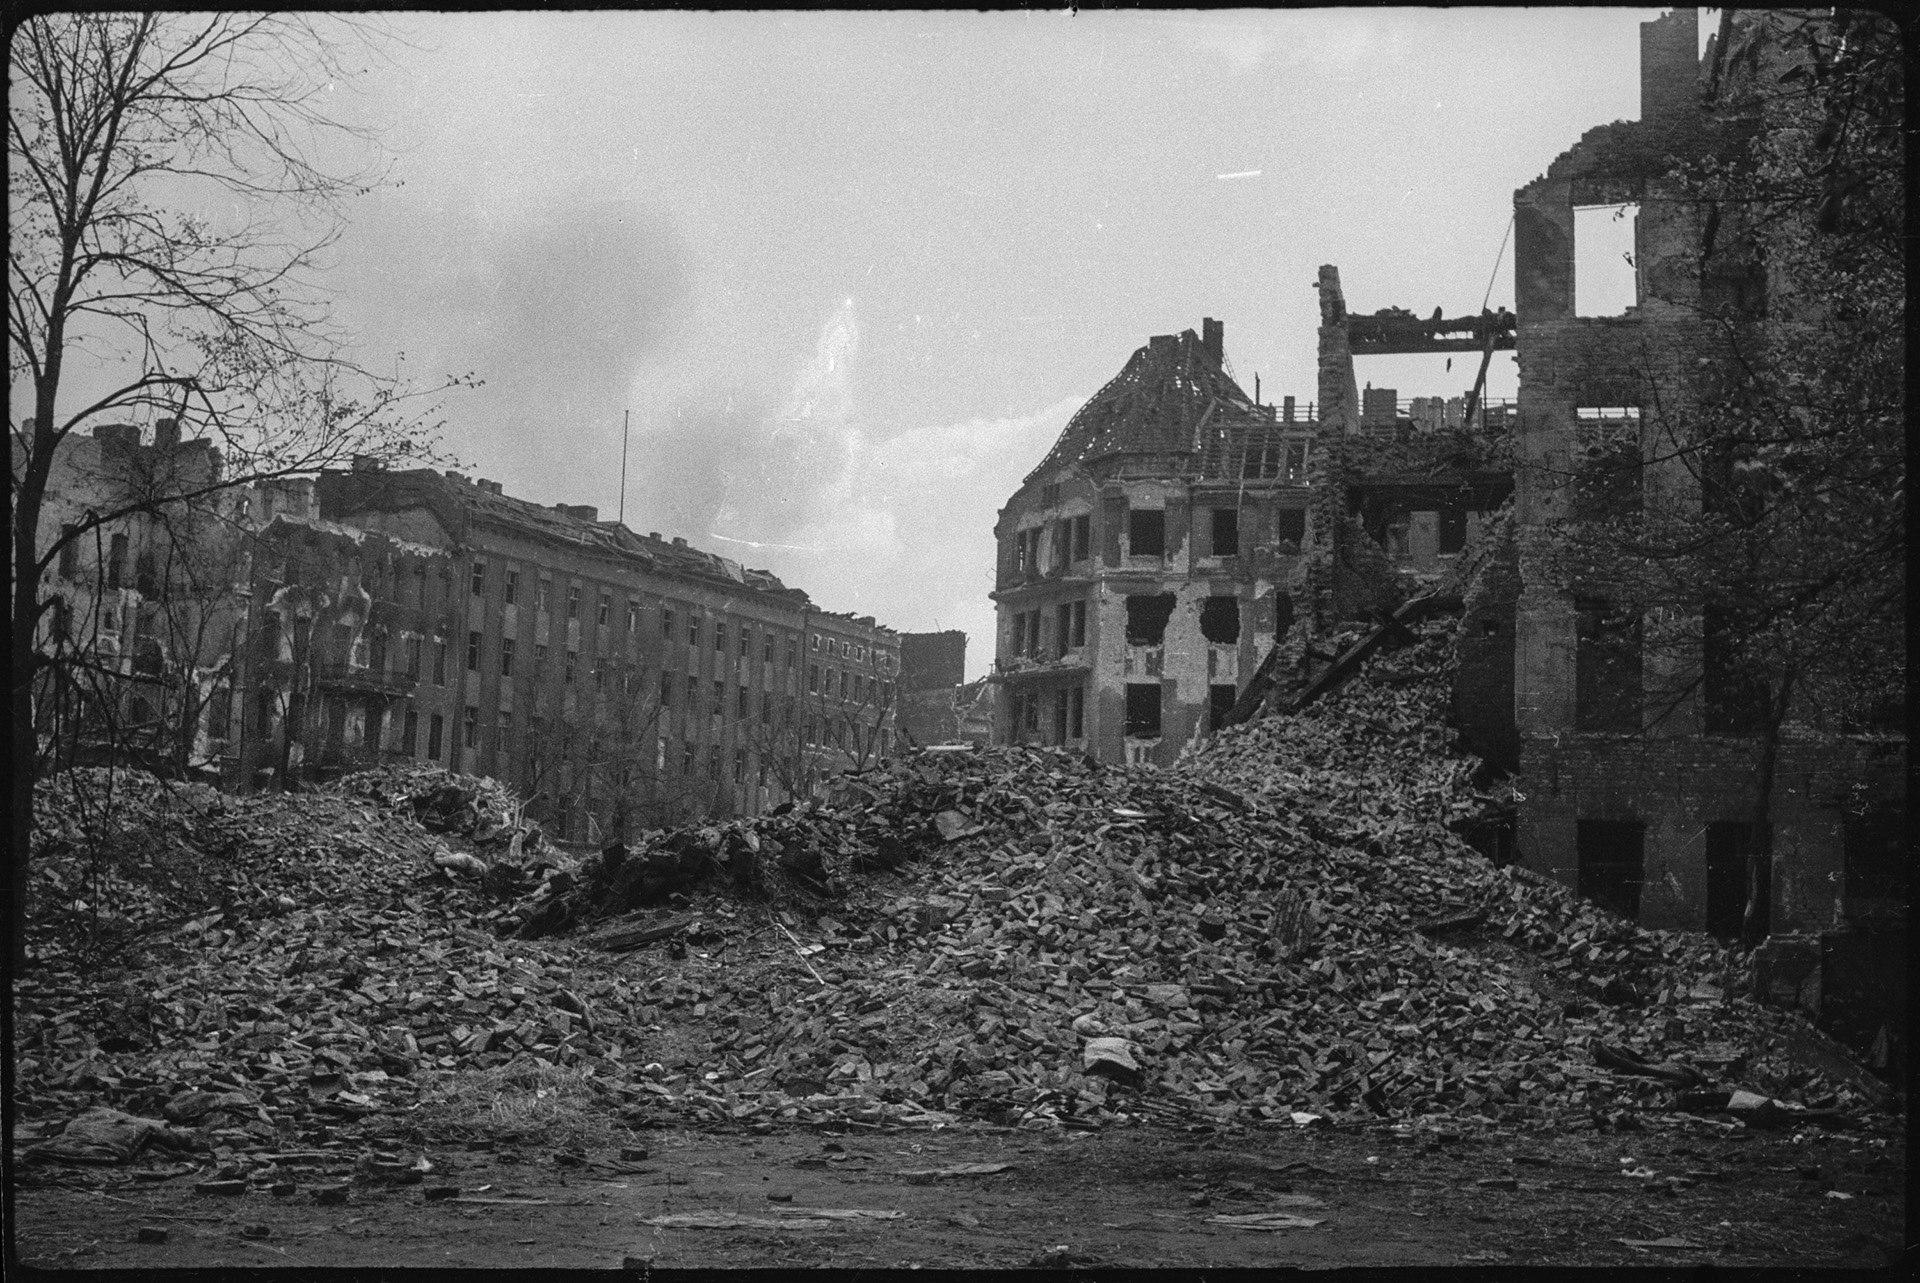 озера фото города в руинах вов счет эффекта горячей